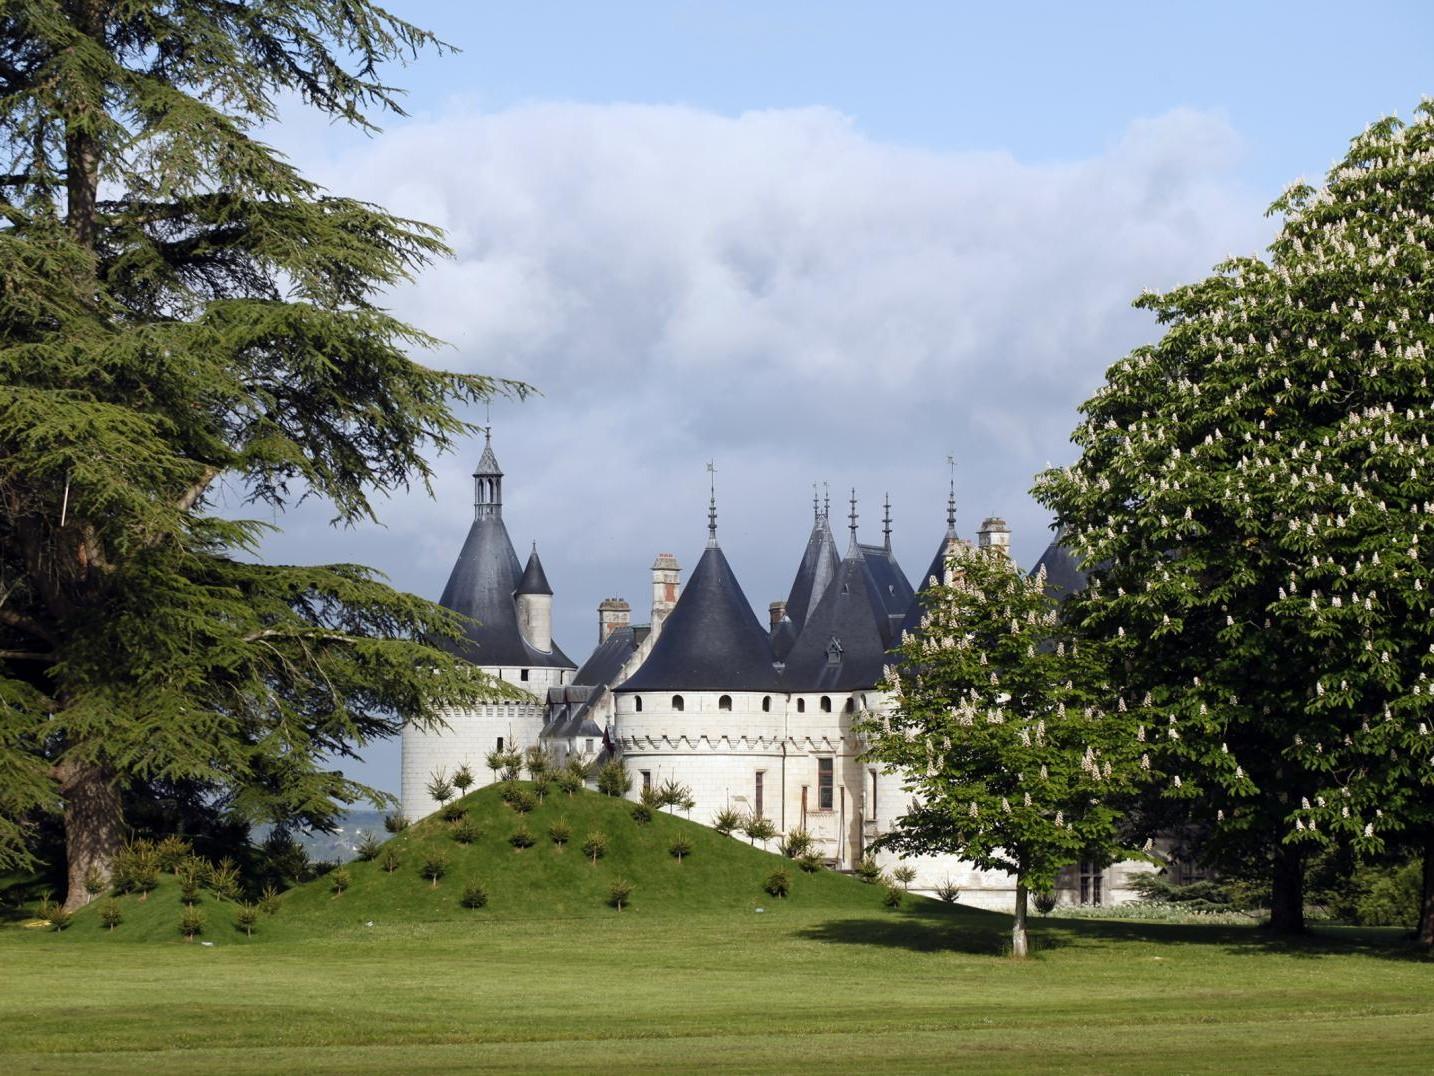 Festival Des Jardins Chaumont Sur Loire 2009 domaine de chaumont-sur-loire palmarès des prix 2018 du